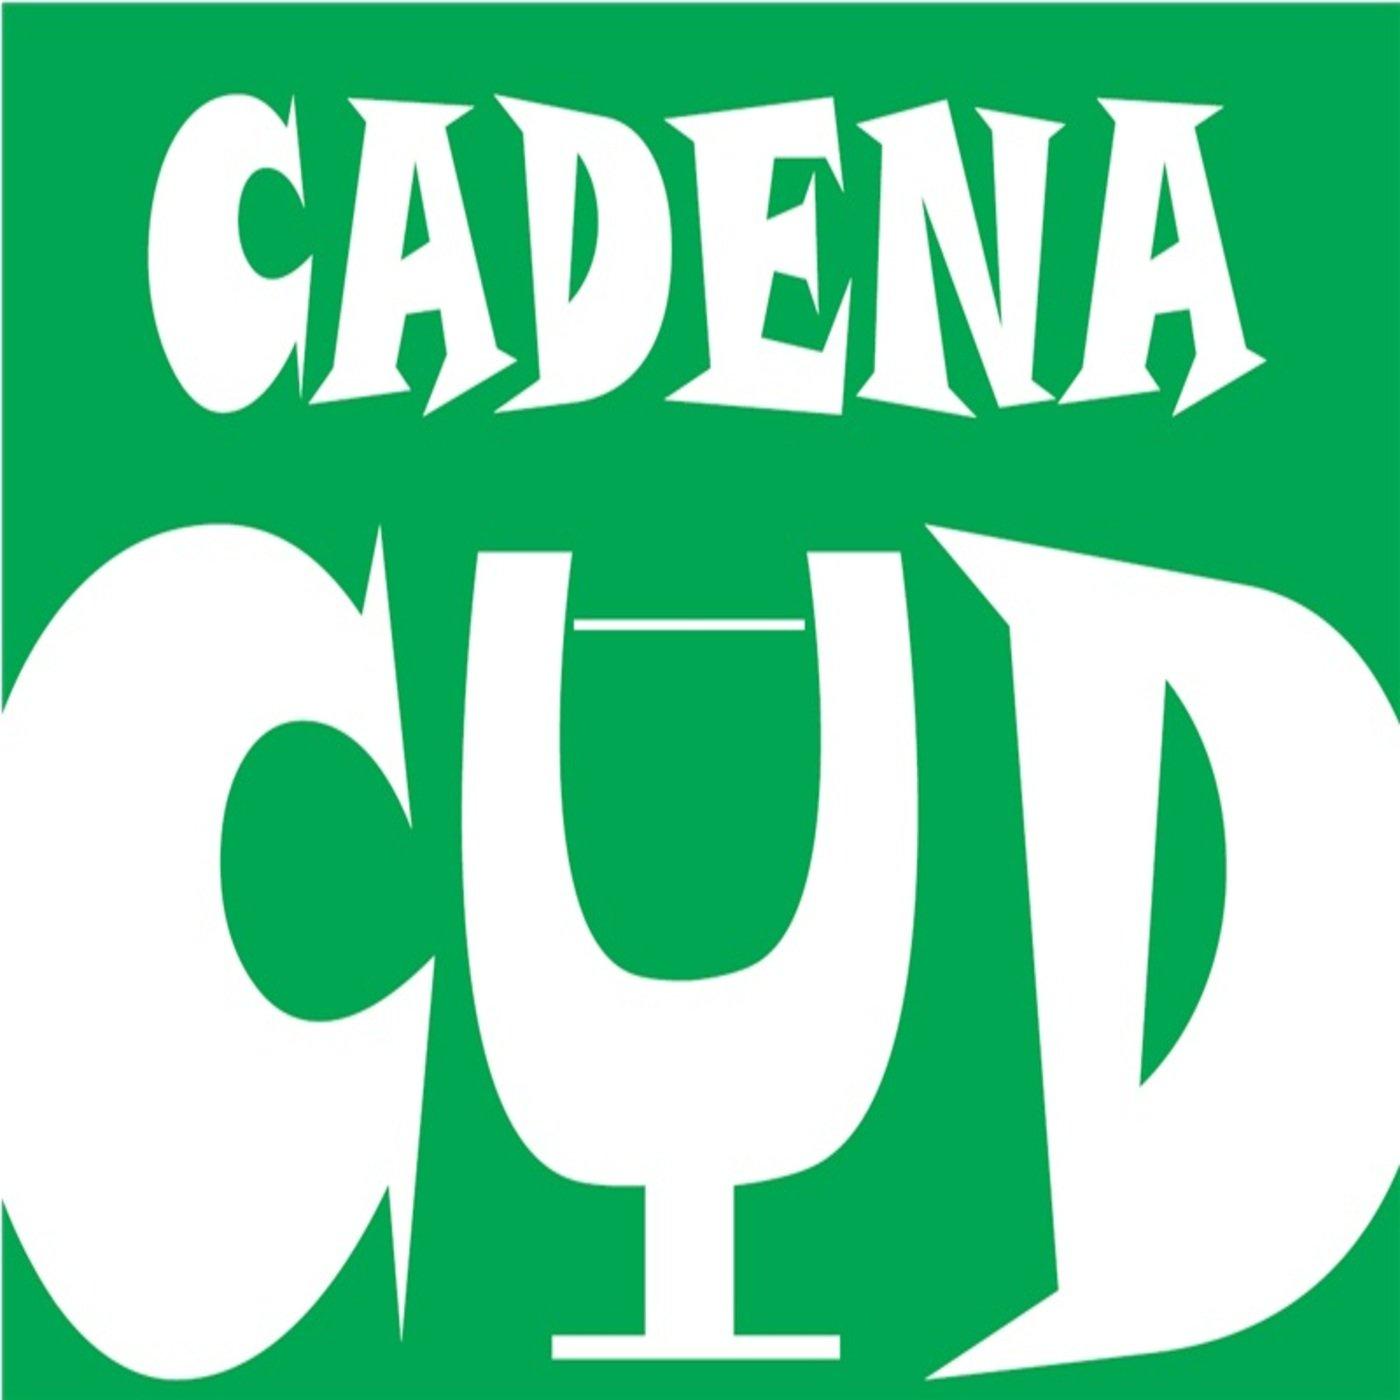 Logo de Podcast Cadena CYD